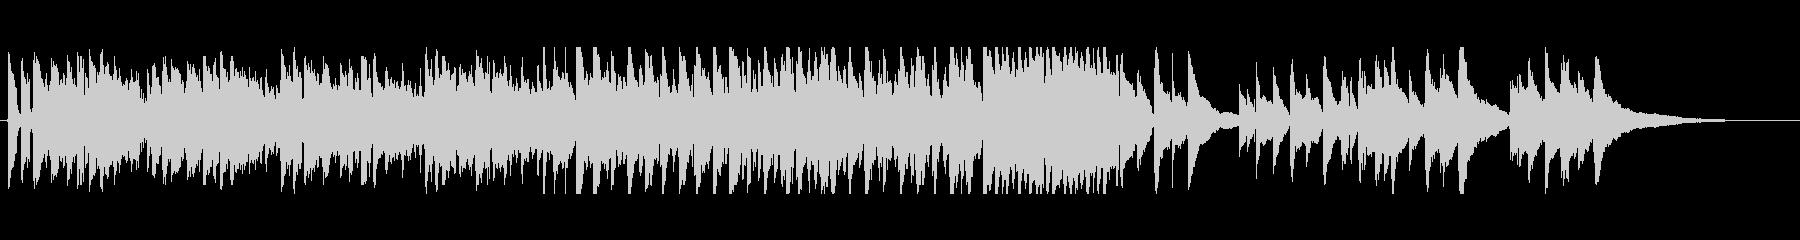 爽やかな生録音アコギ+マンドリンの未再生の波形